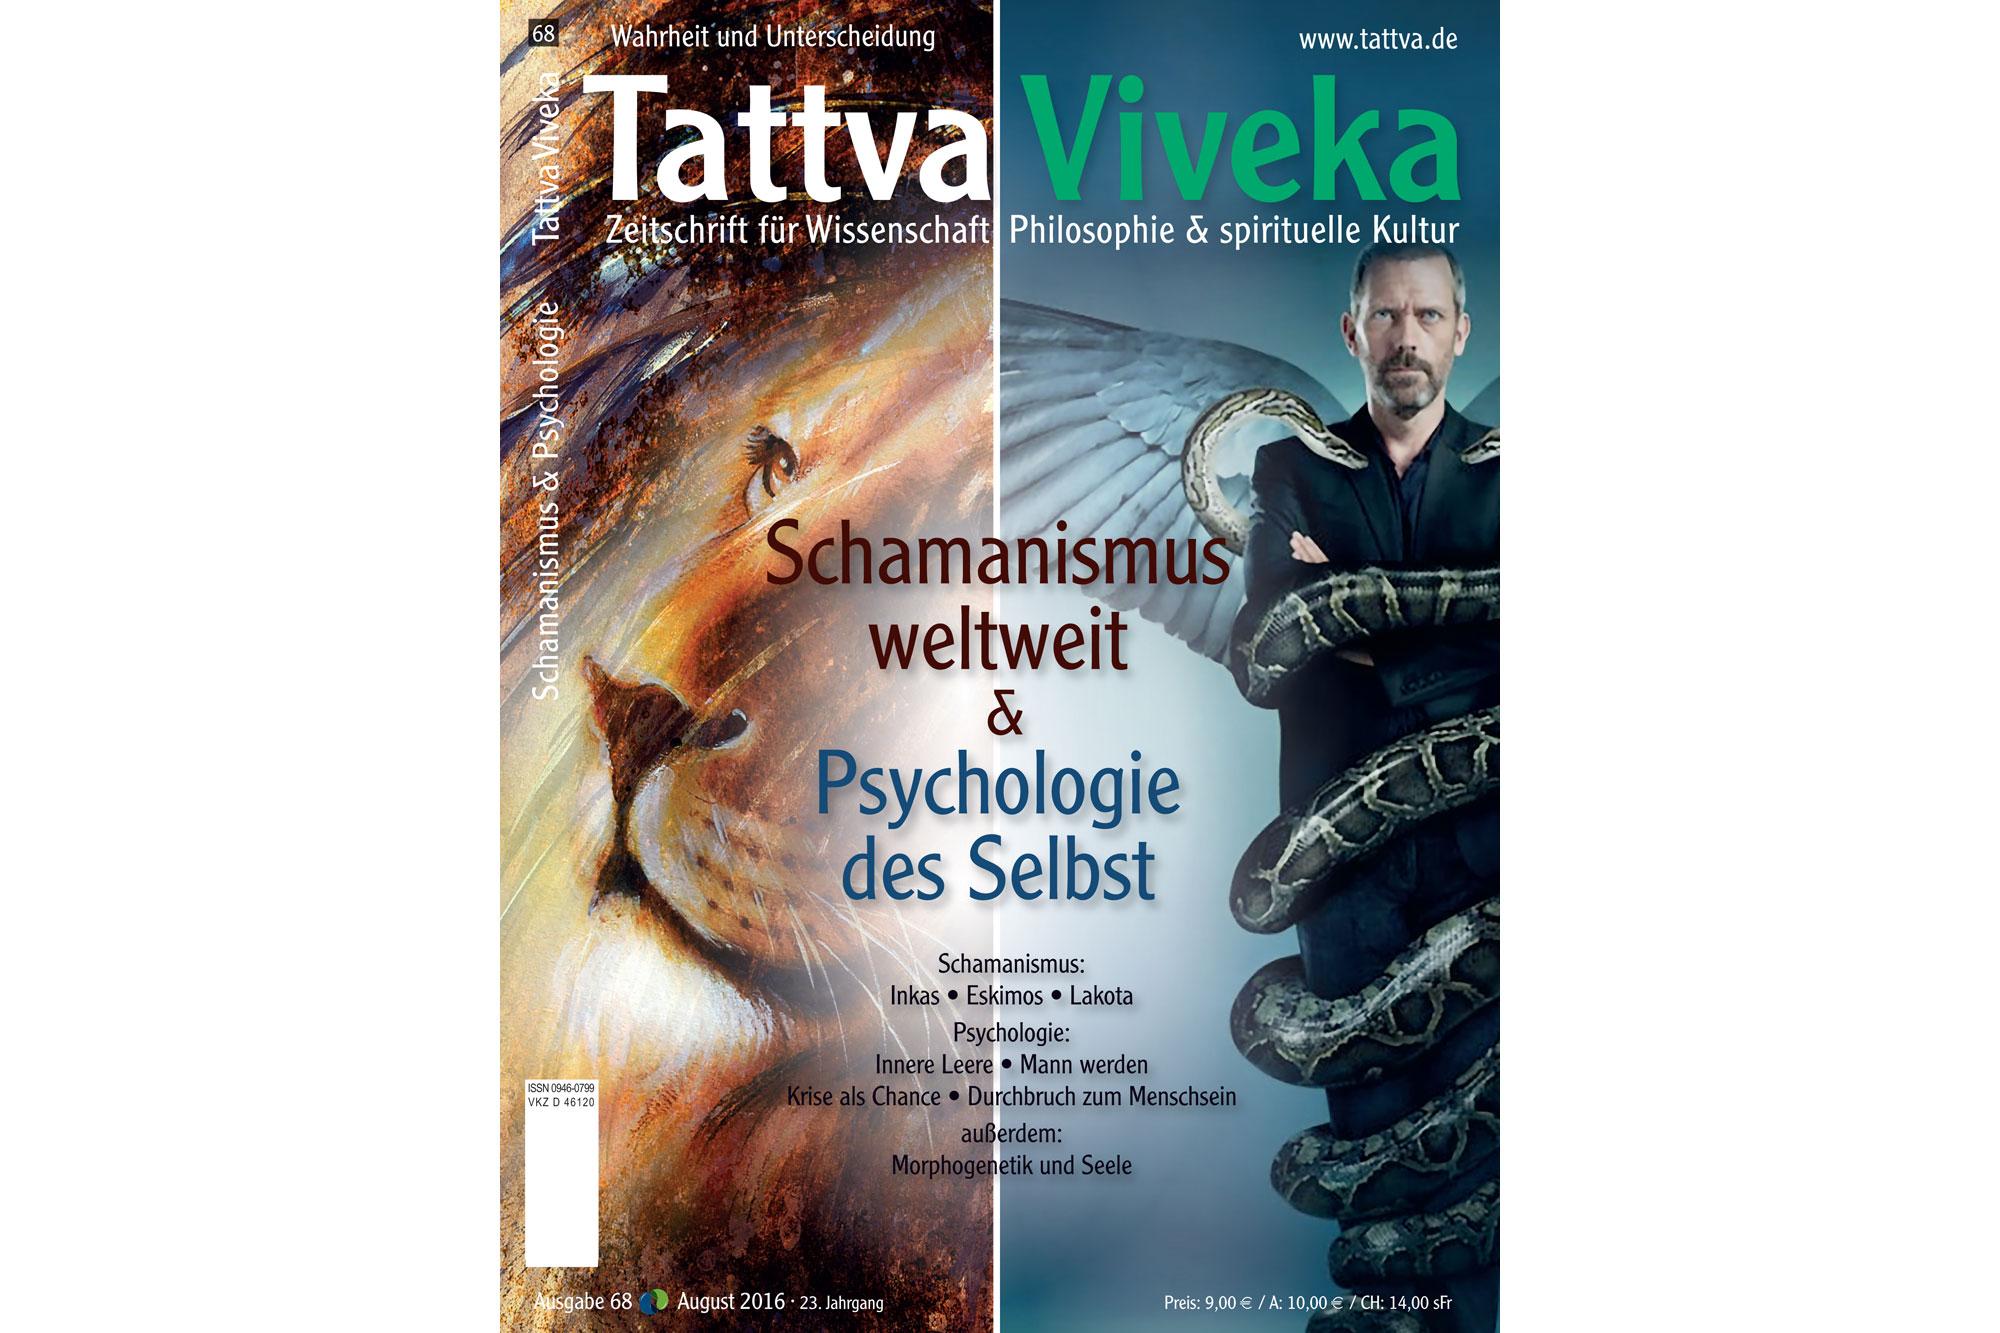 Tattva Viveka 68